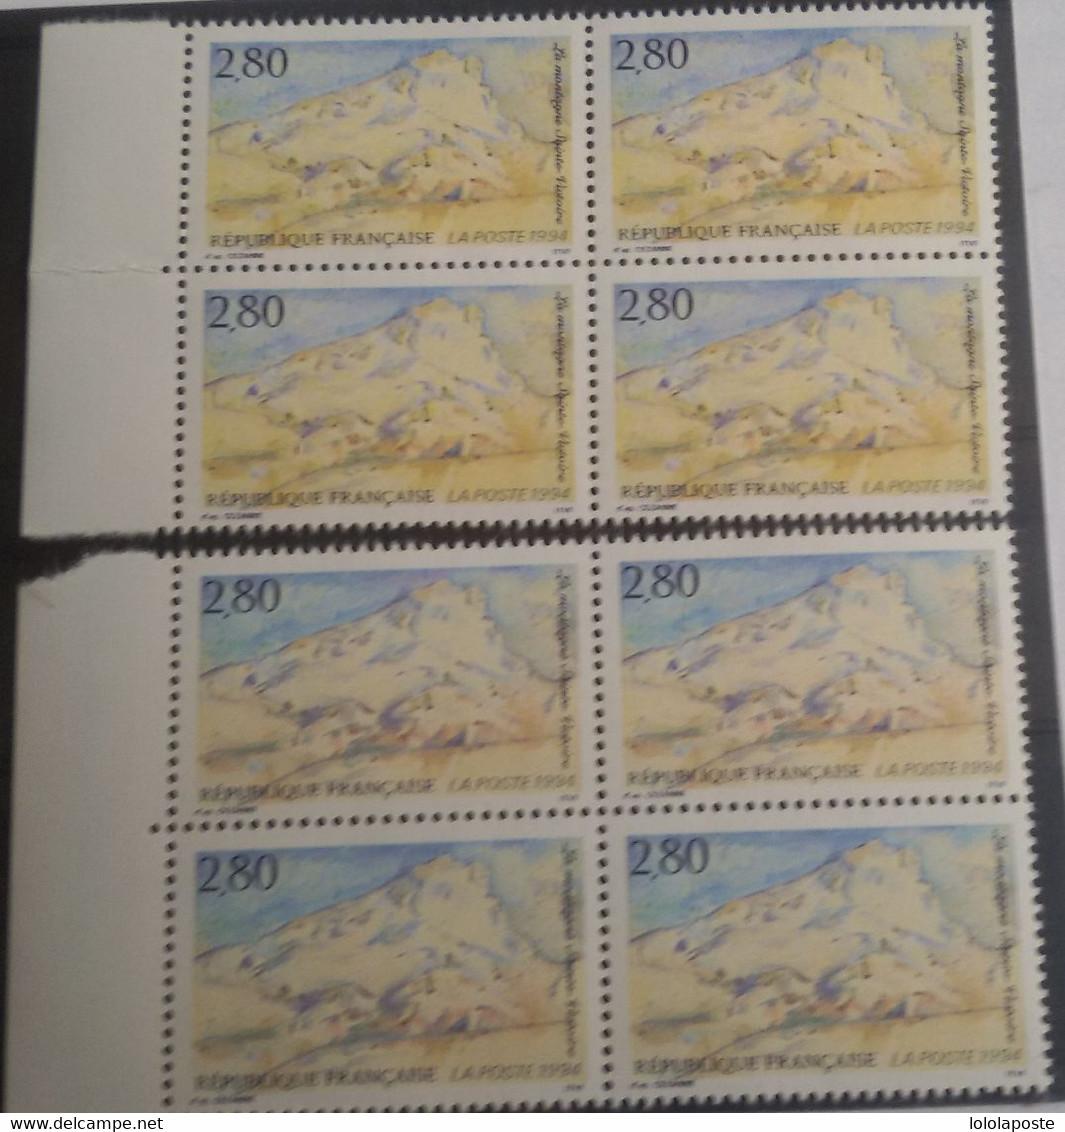 FRANCE - N° 2891 - 2 Blocs De 4 - Variété De Couleur - 2 Teintes Différentes - Curiosities: 1990-99 Mint/hinged